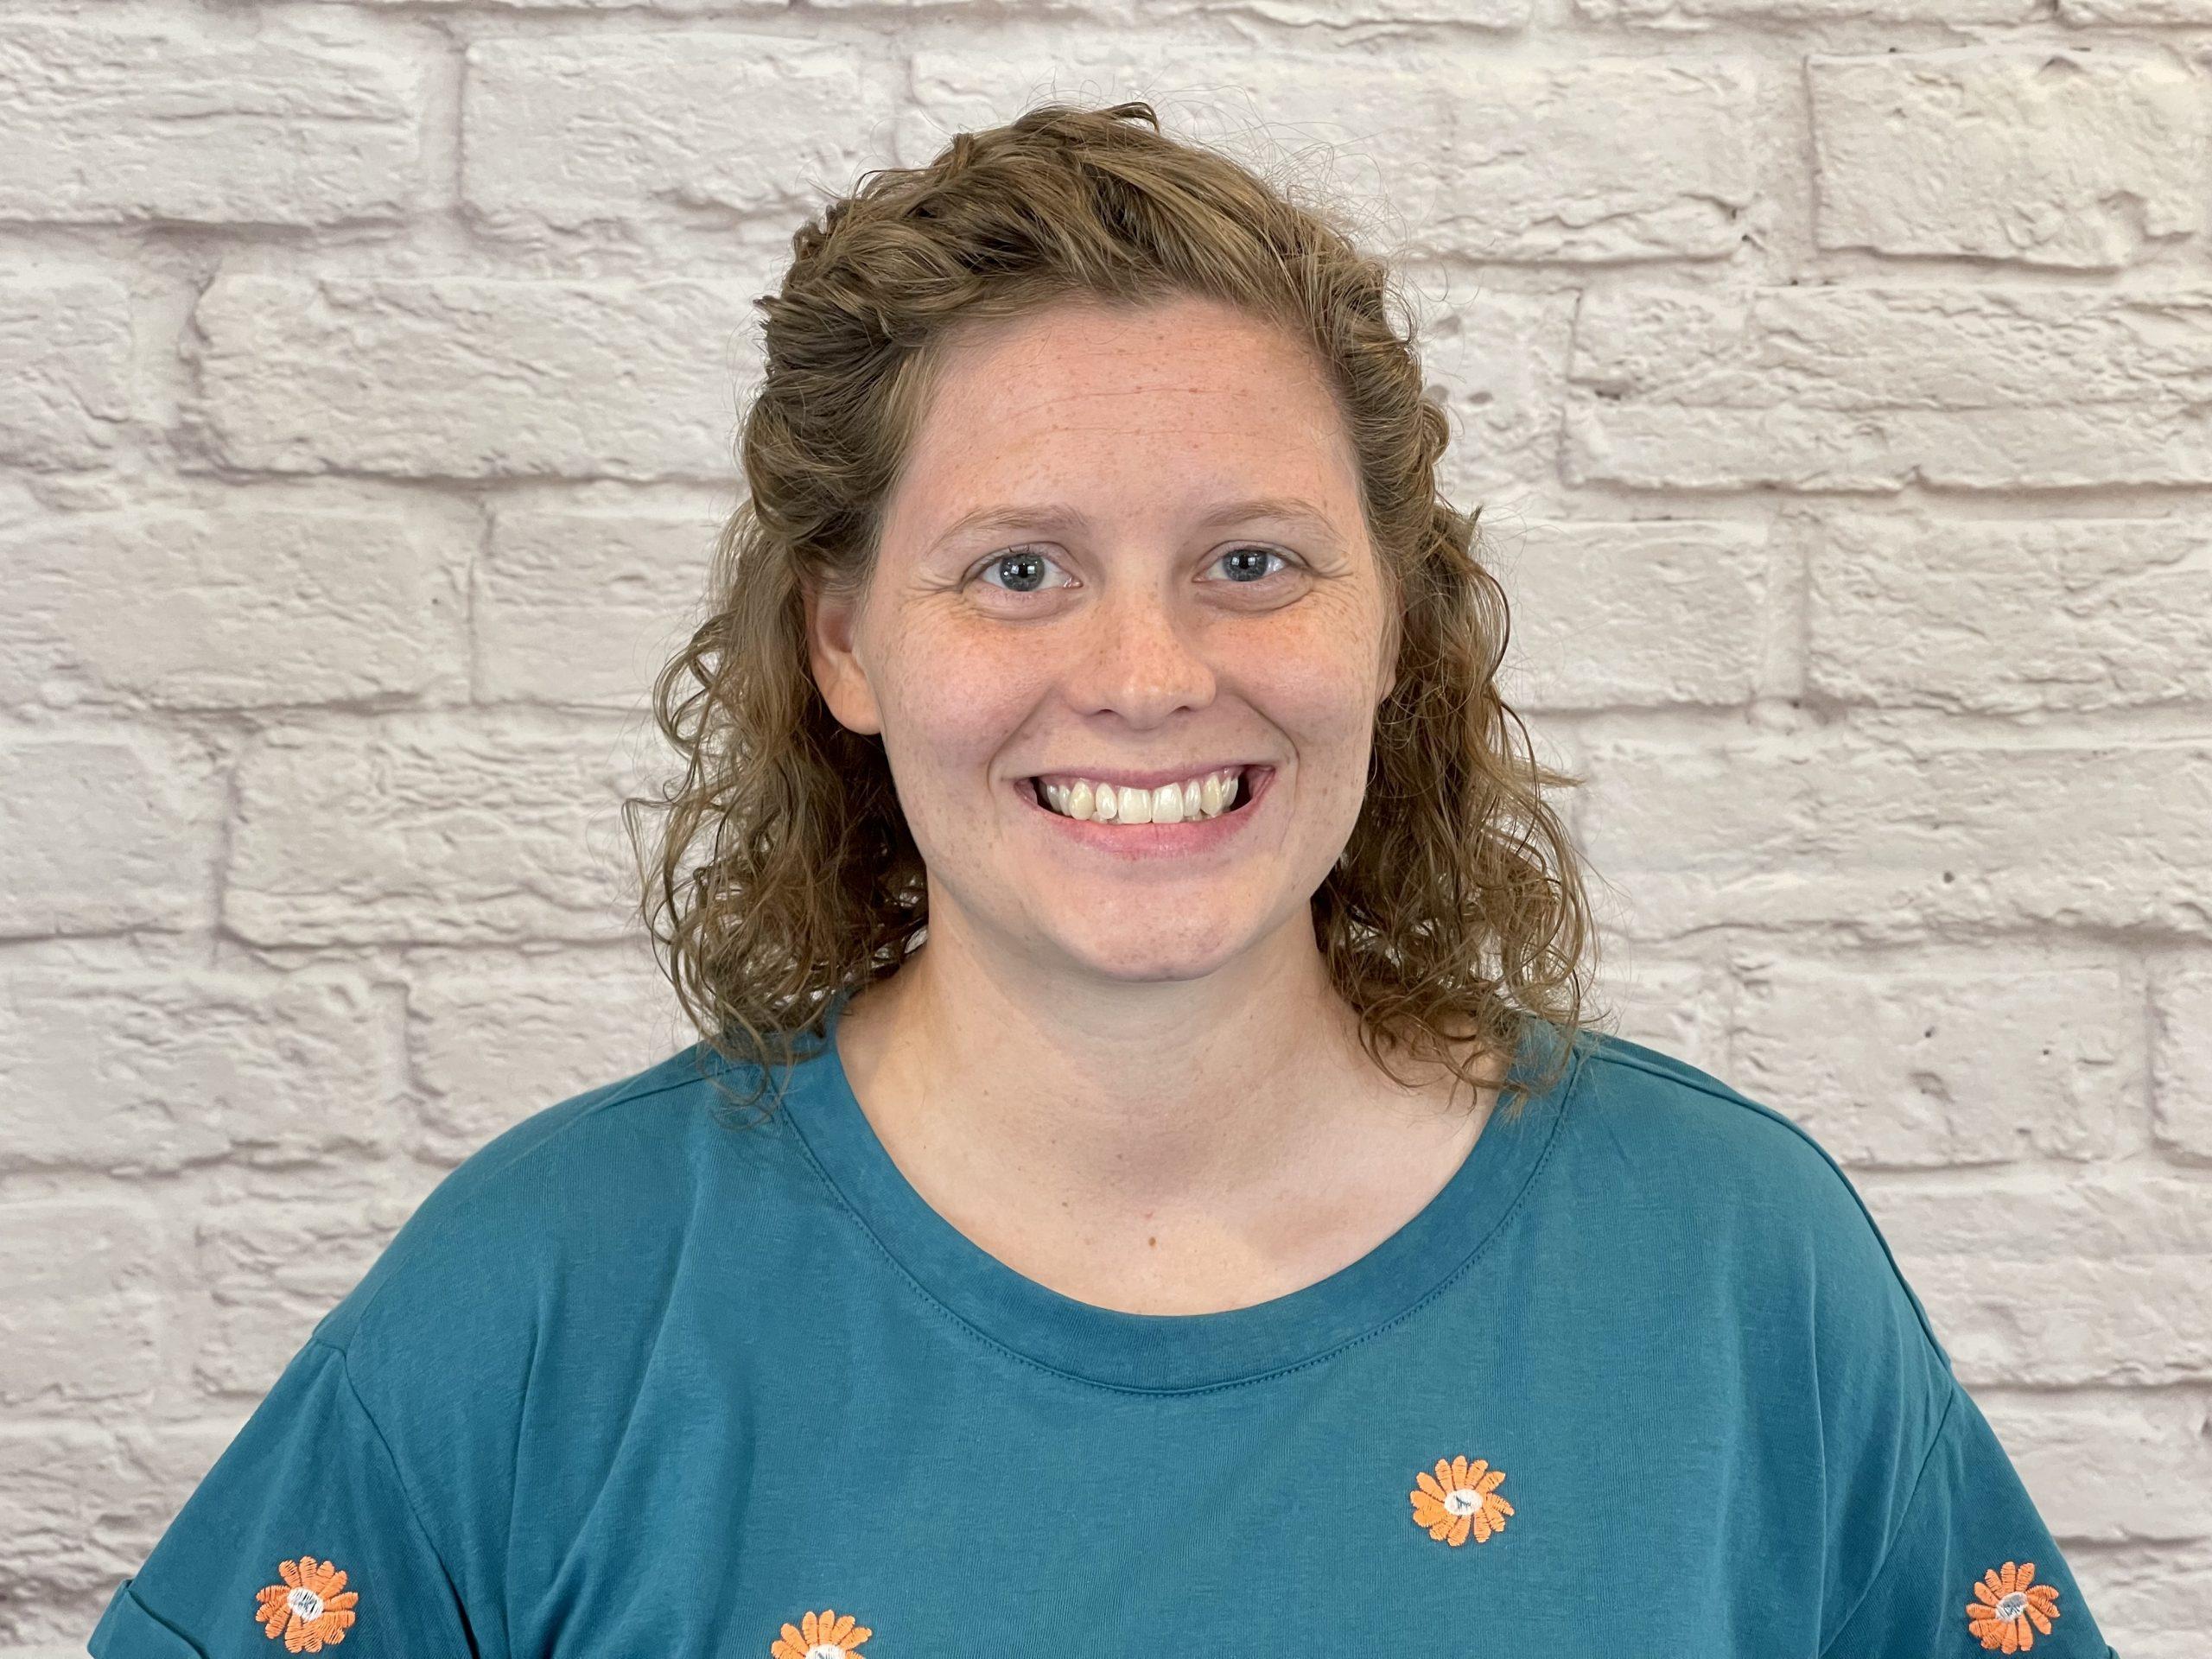 Samantha Busby